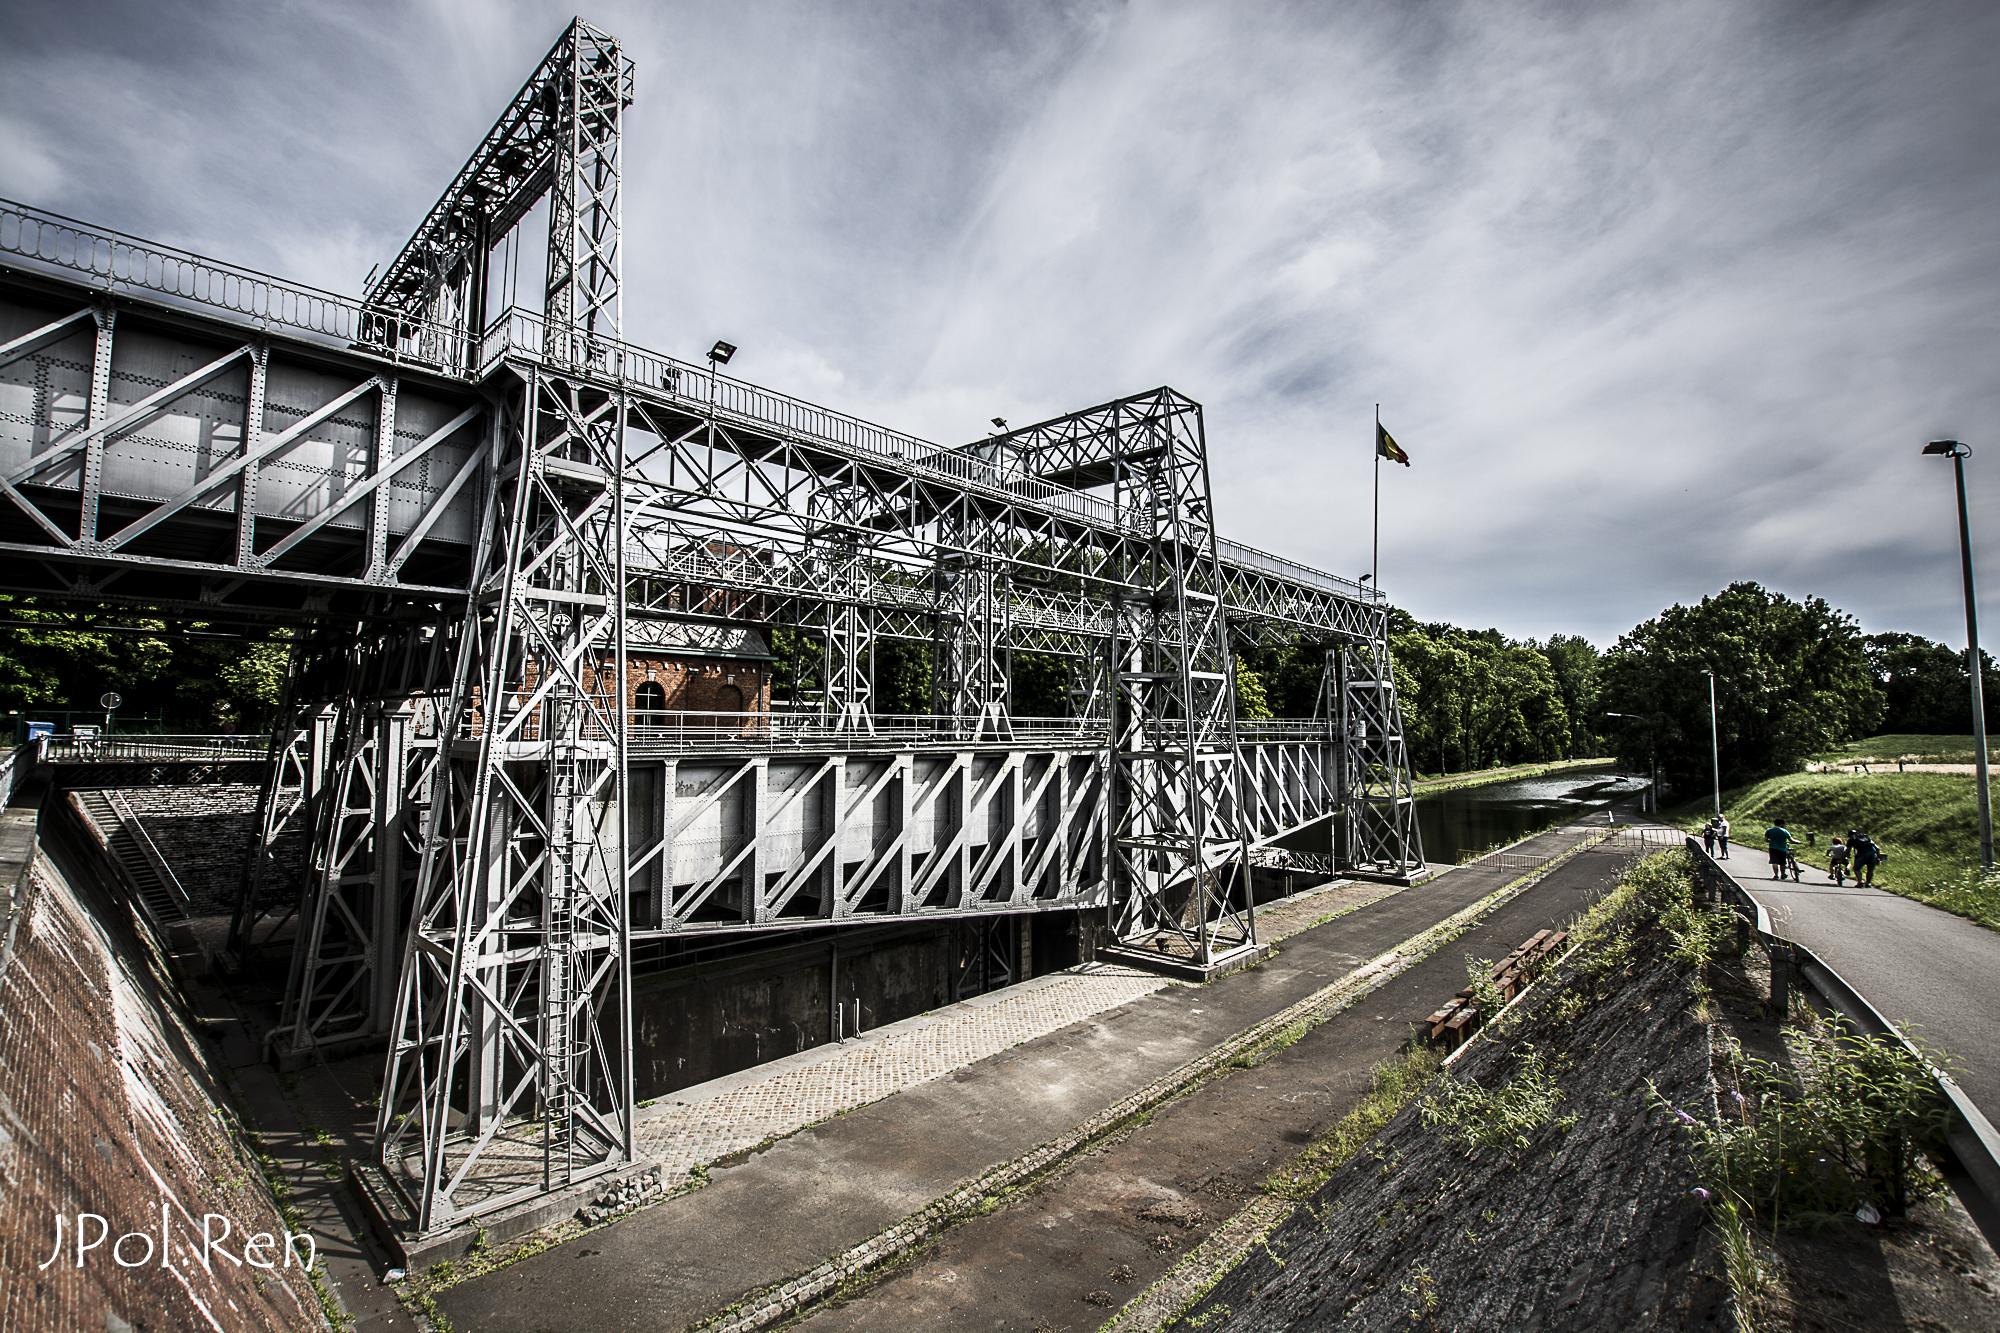 Sortie Ascenseurs canal du centre : Photos 827061GG09asc17736